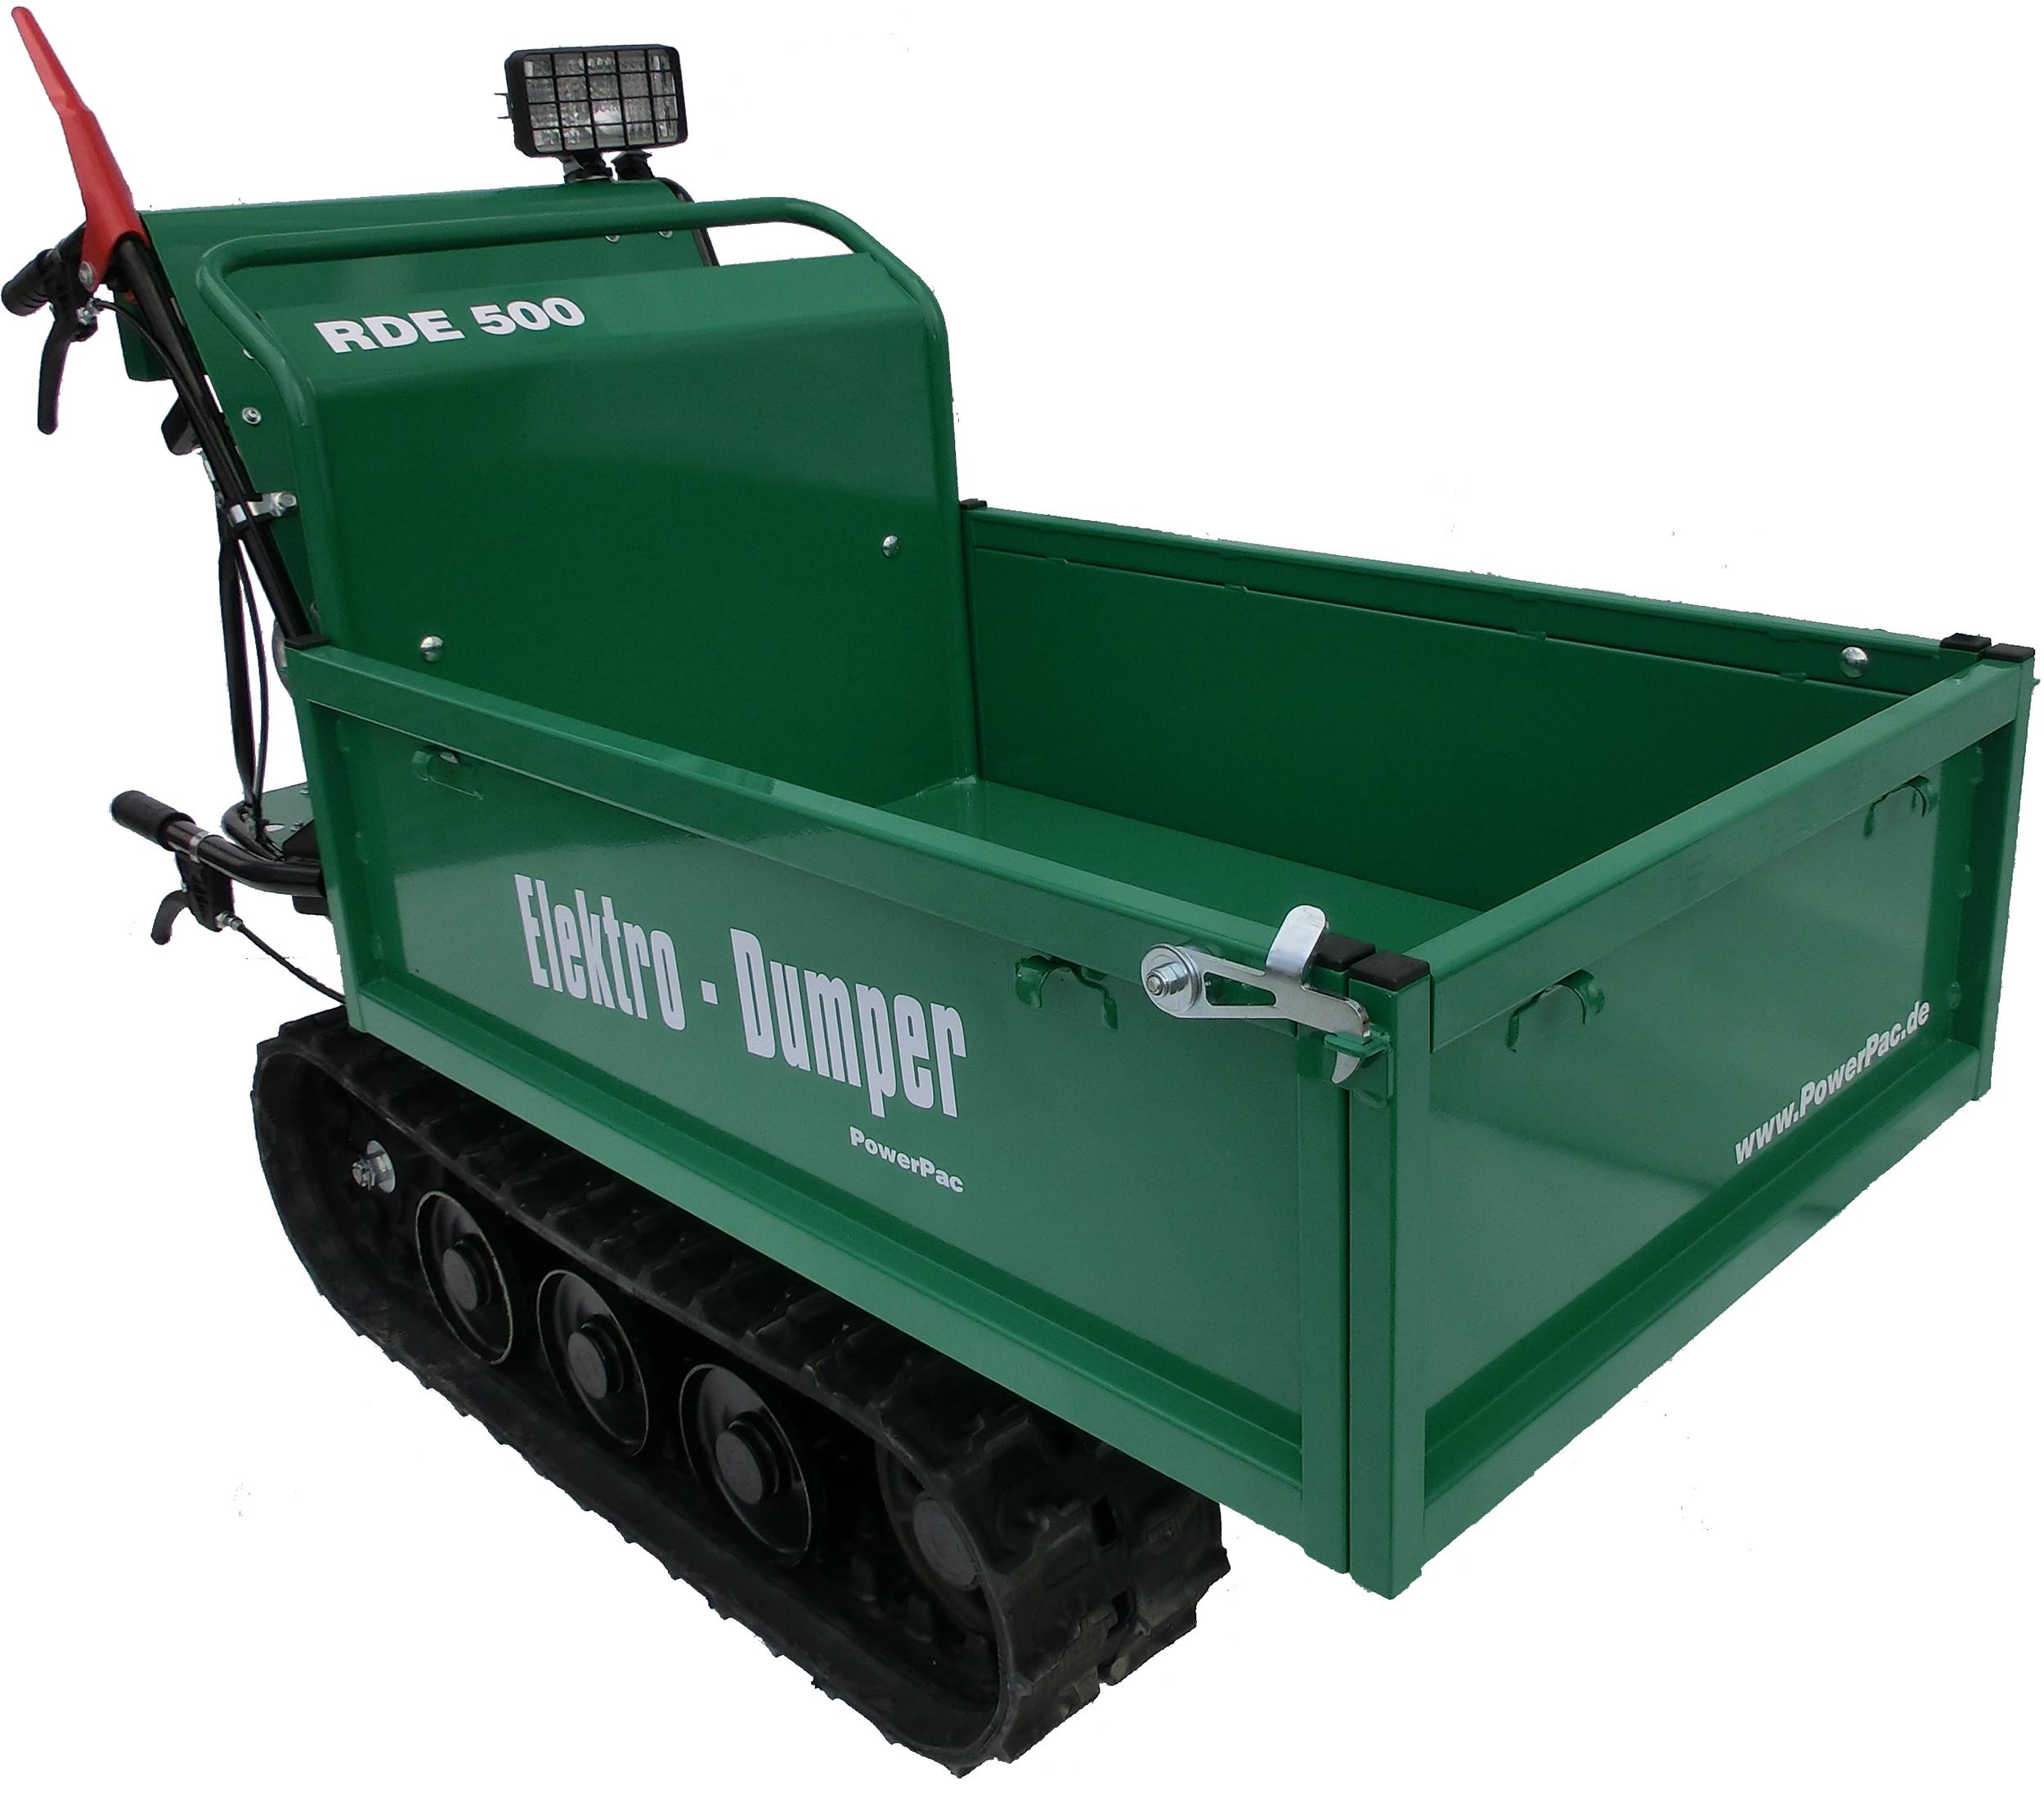 RDE500_Electric_Track_Dumper_PMI_Equipment